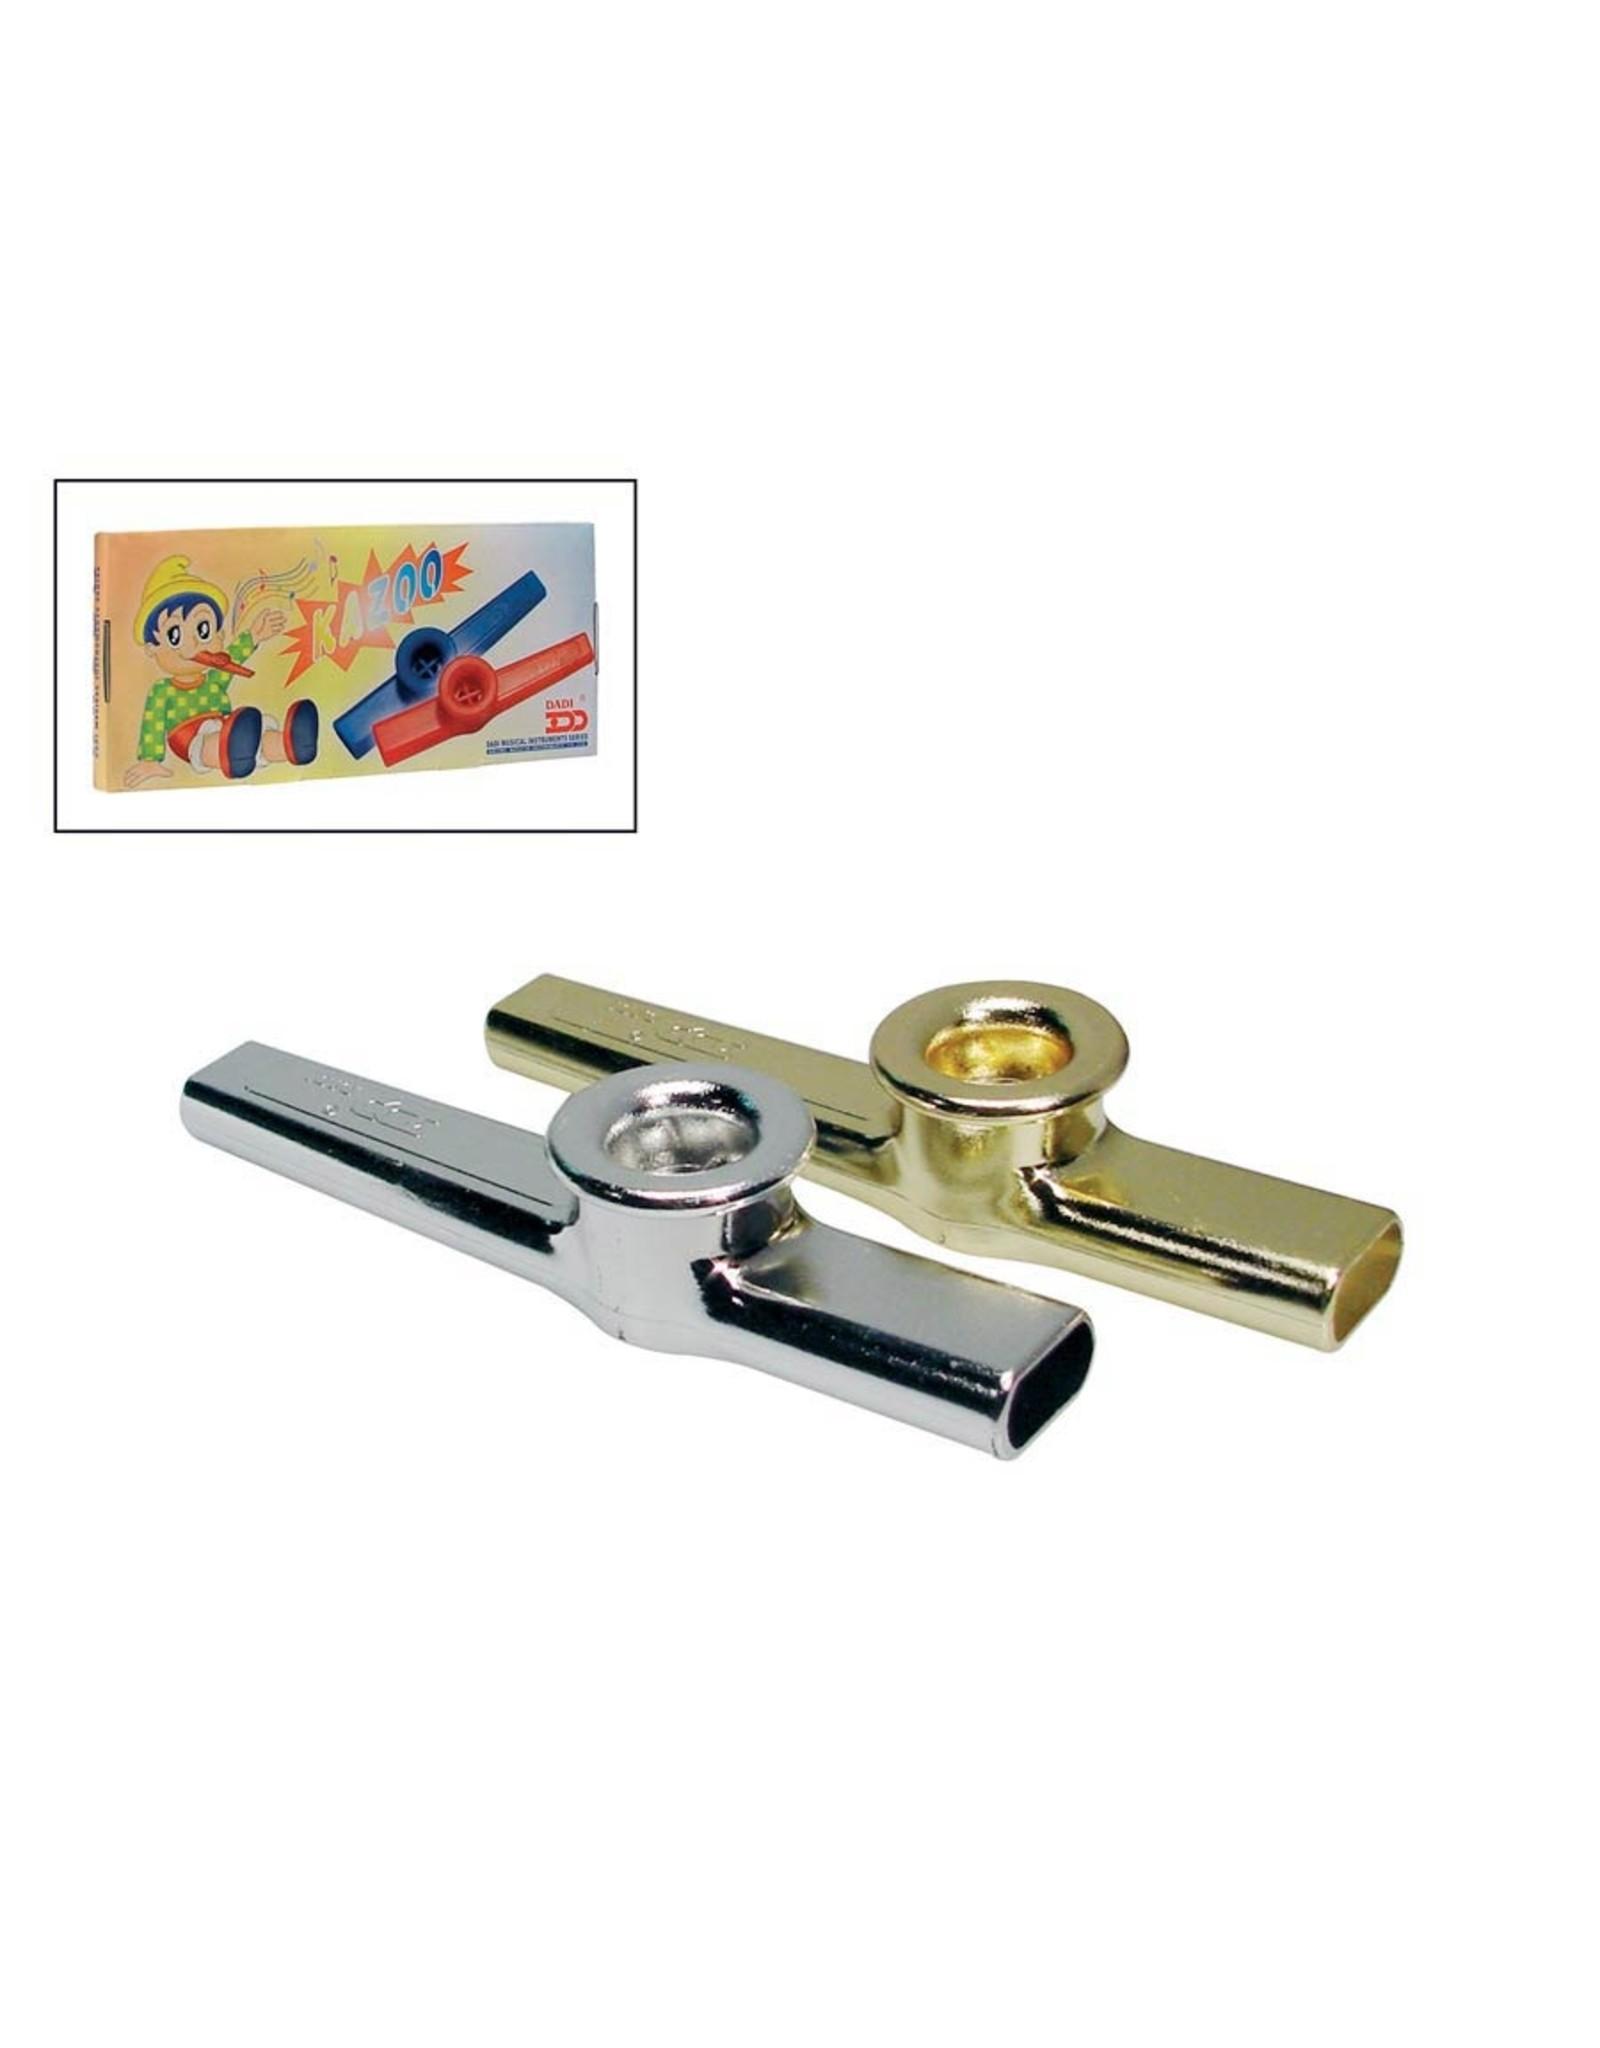 Dadi Dadi KA-2 Kazoo zilver/goud kleurig